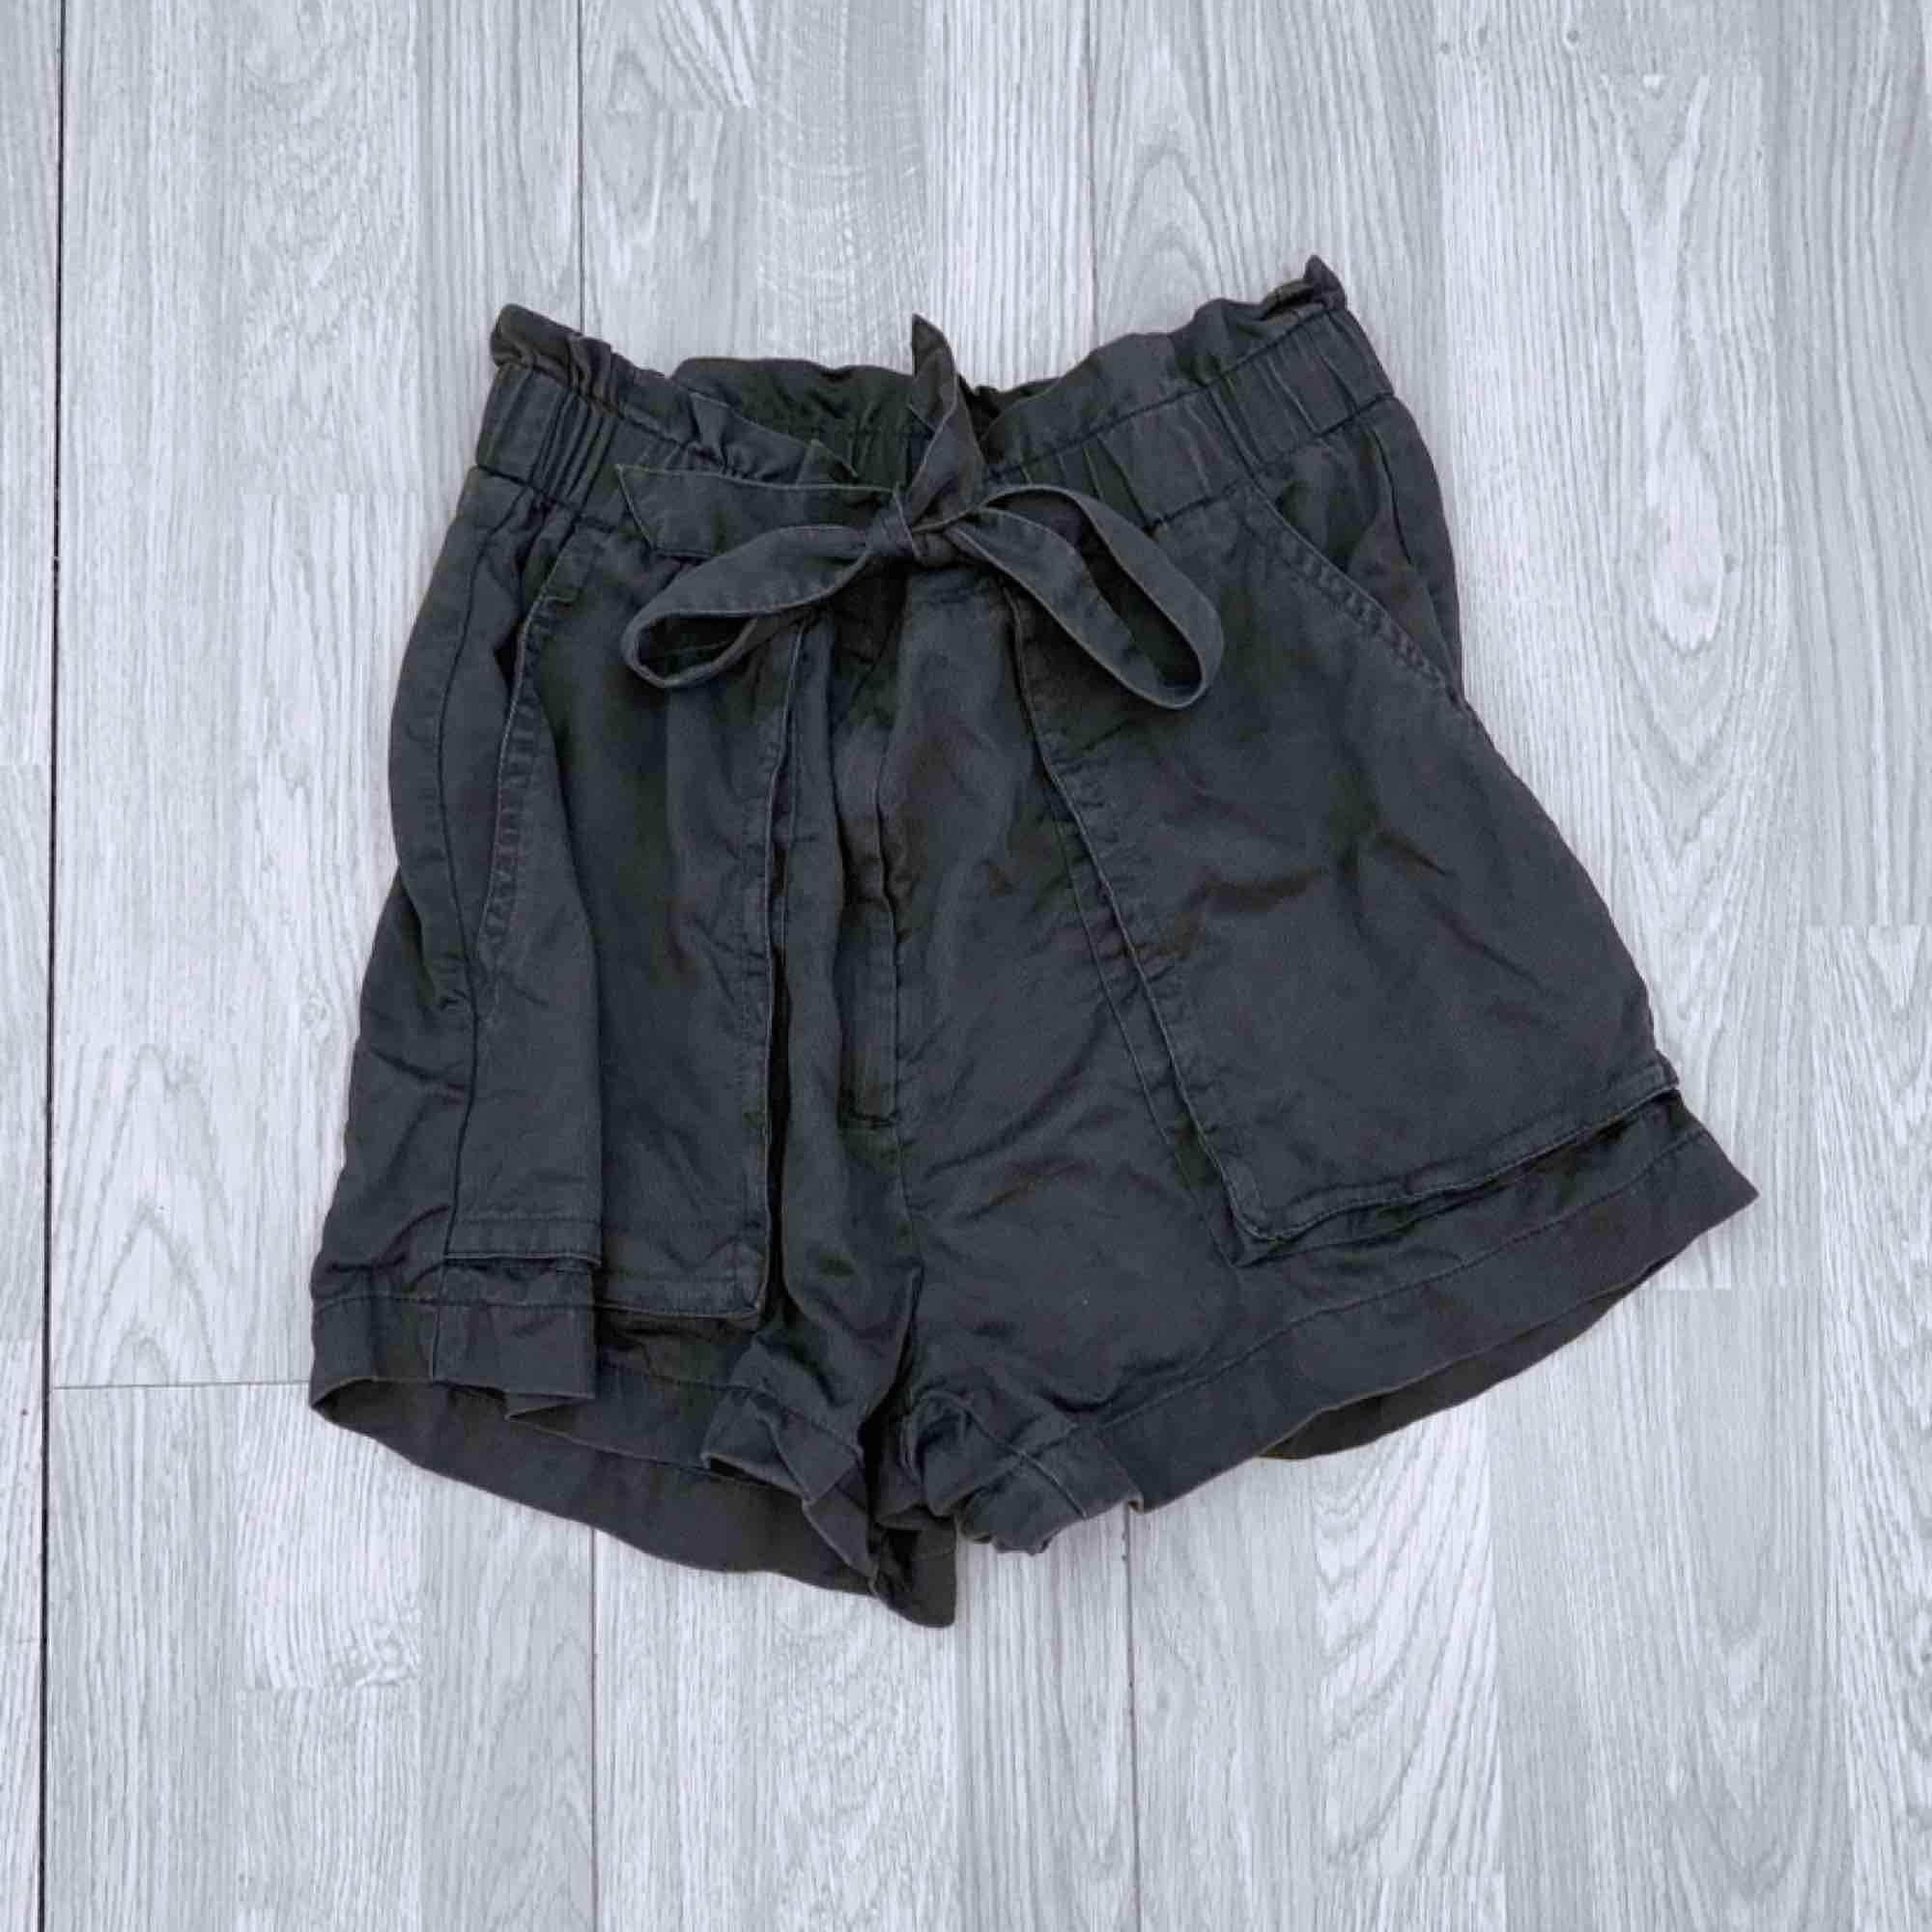 Grå/gröna högmidjade shorts man knyter, storlek 44 från hm.  Passar mindre om man vill ha dem oversized. Använt skick.  Möts upp i Stockholm eller fraktar.  Frakt kostar 59kr extra, postar med videobevis/bildbevis. Jag garanterar en snabb pålitlig affär!✨. Shorts.